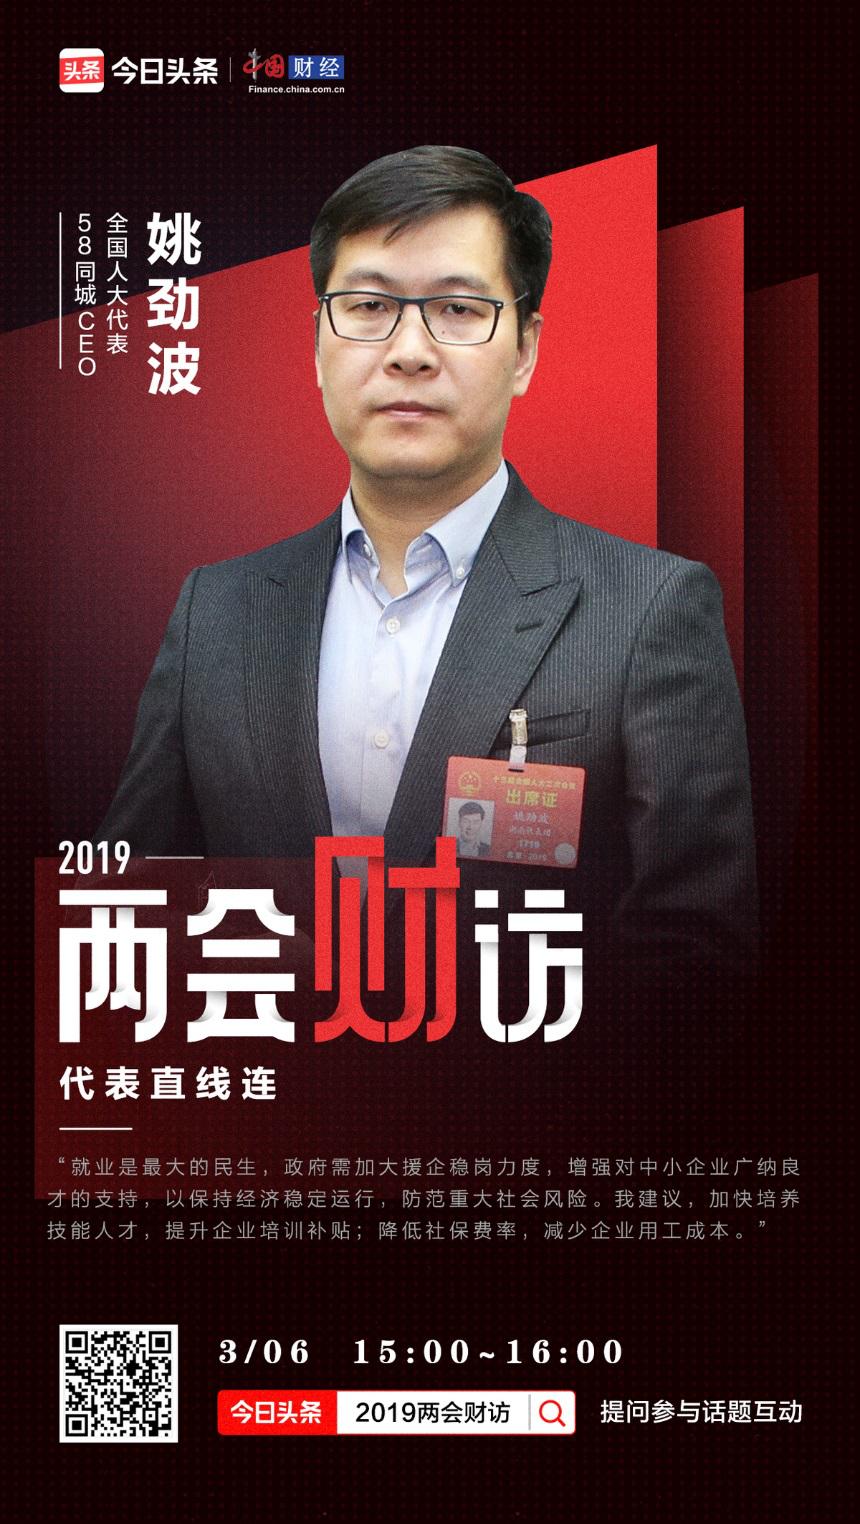 姚劲波:承诺58同城不裁员不降薪 践行企业家追梦精神